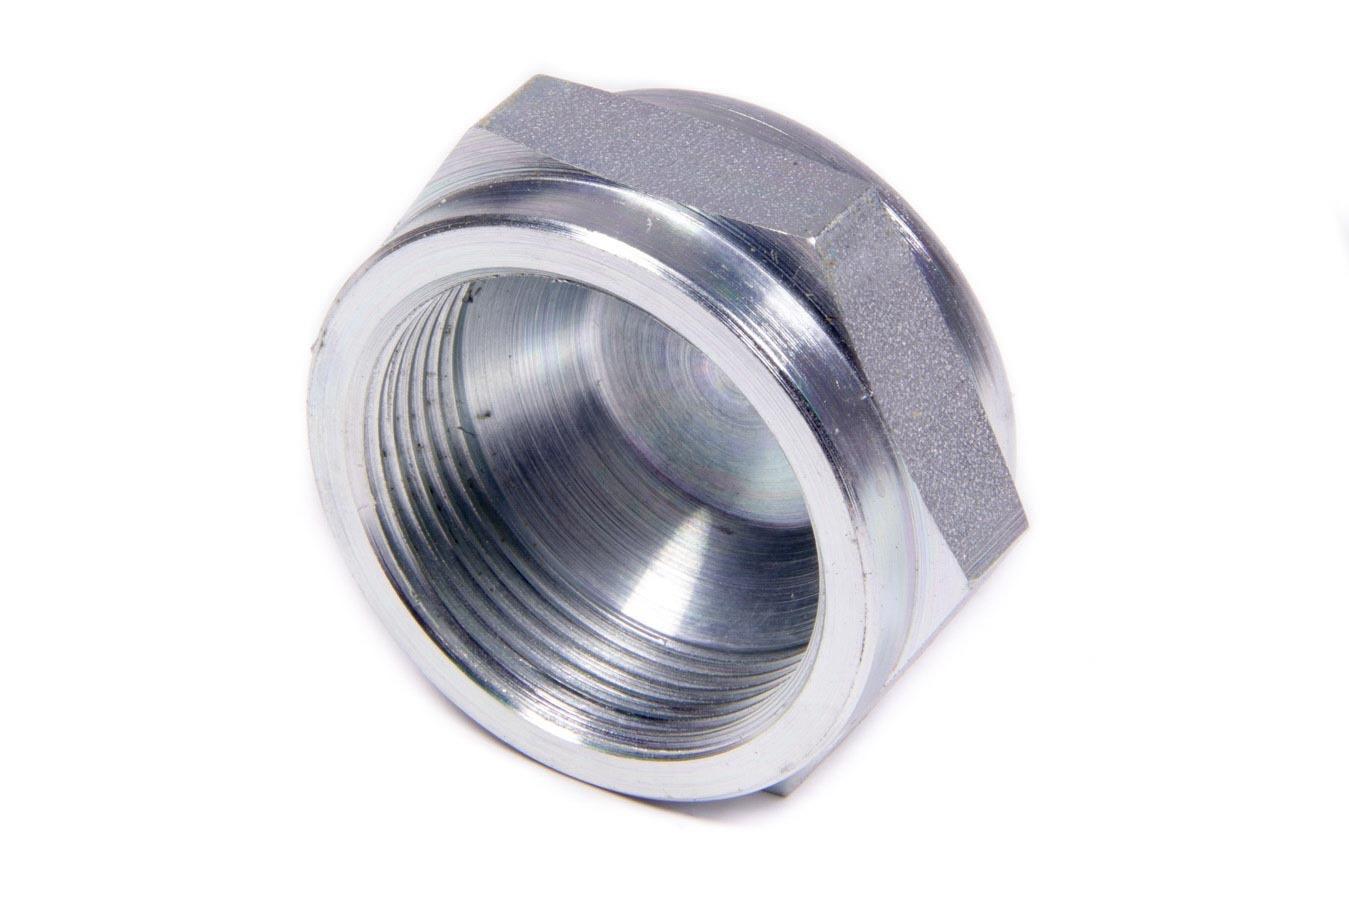 Aeroquip FCM3567 Fitting, Cap, 20 AN, Steel, Zinc Oxide, Each